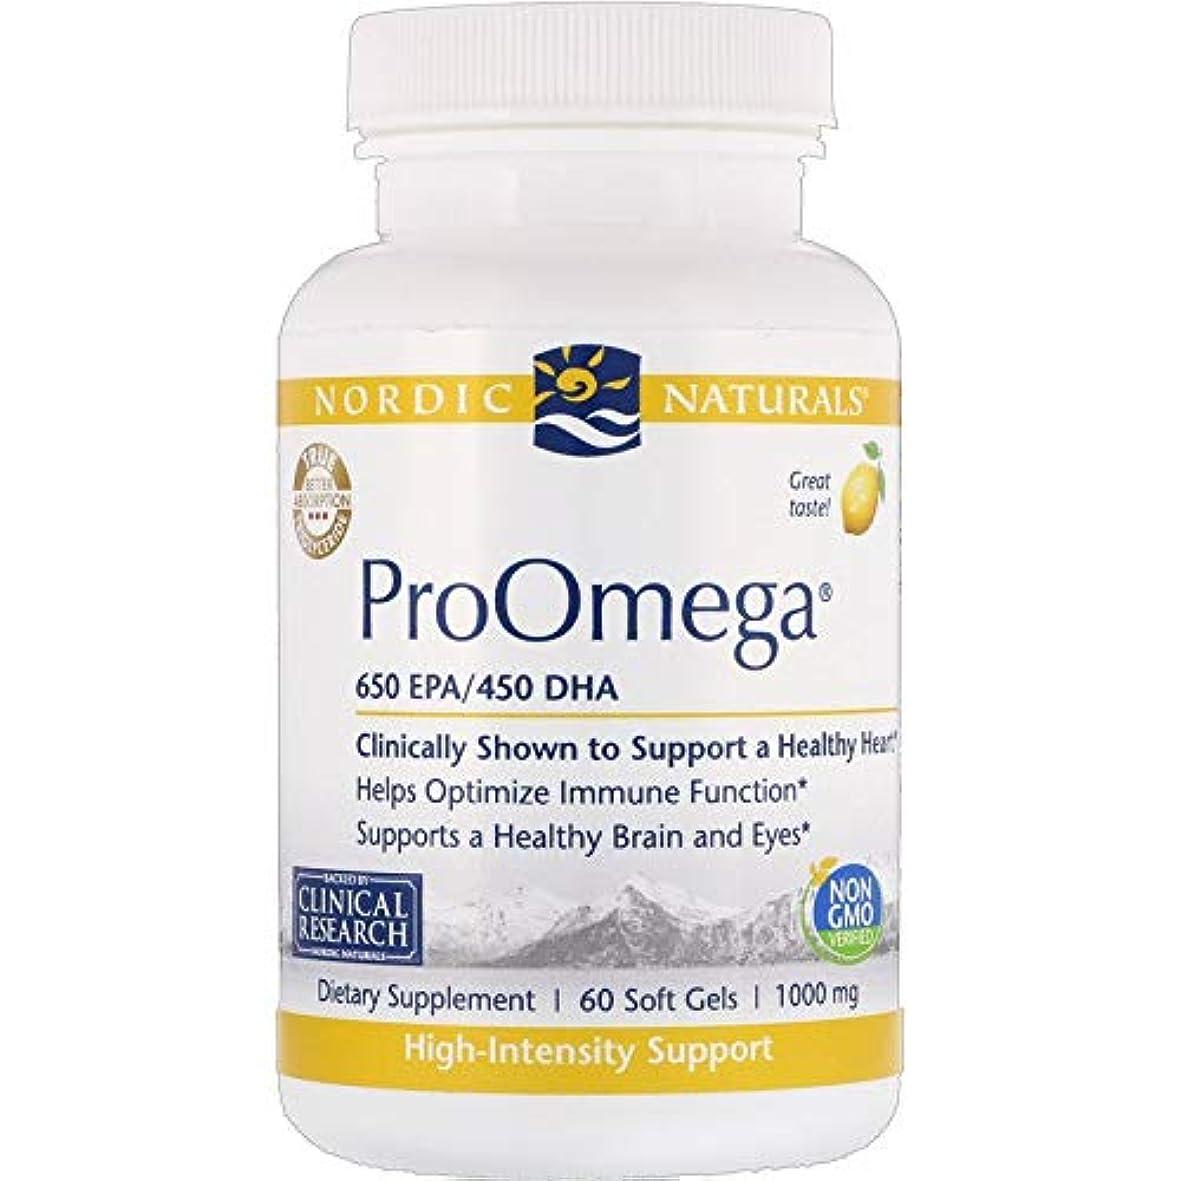 湿った美人デンマーク語Nordic Naturals ProOmega プロオメガ レモン味 650 EPA / 450 DHA 1000 mg 60粒 [海外直送品]